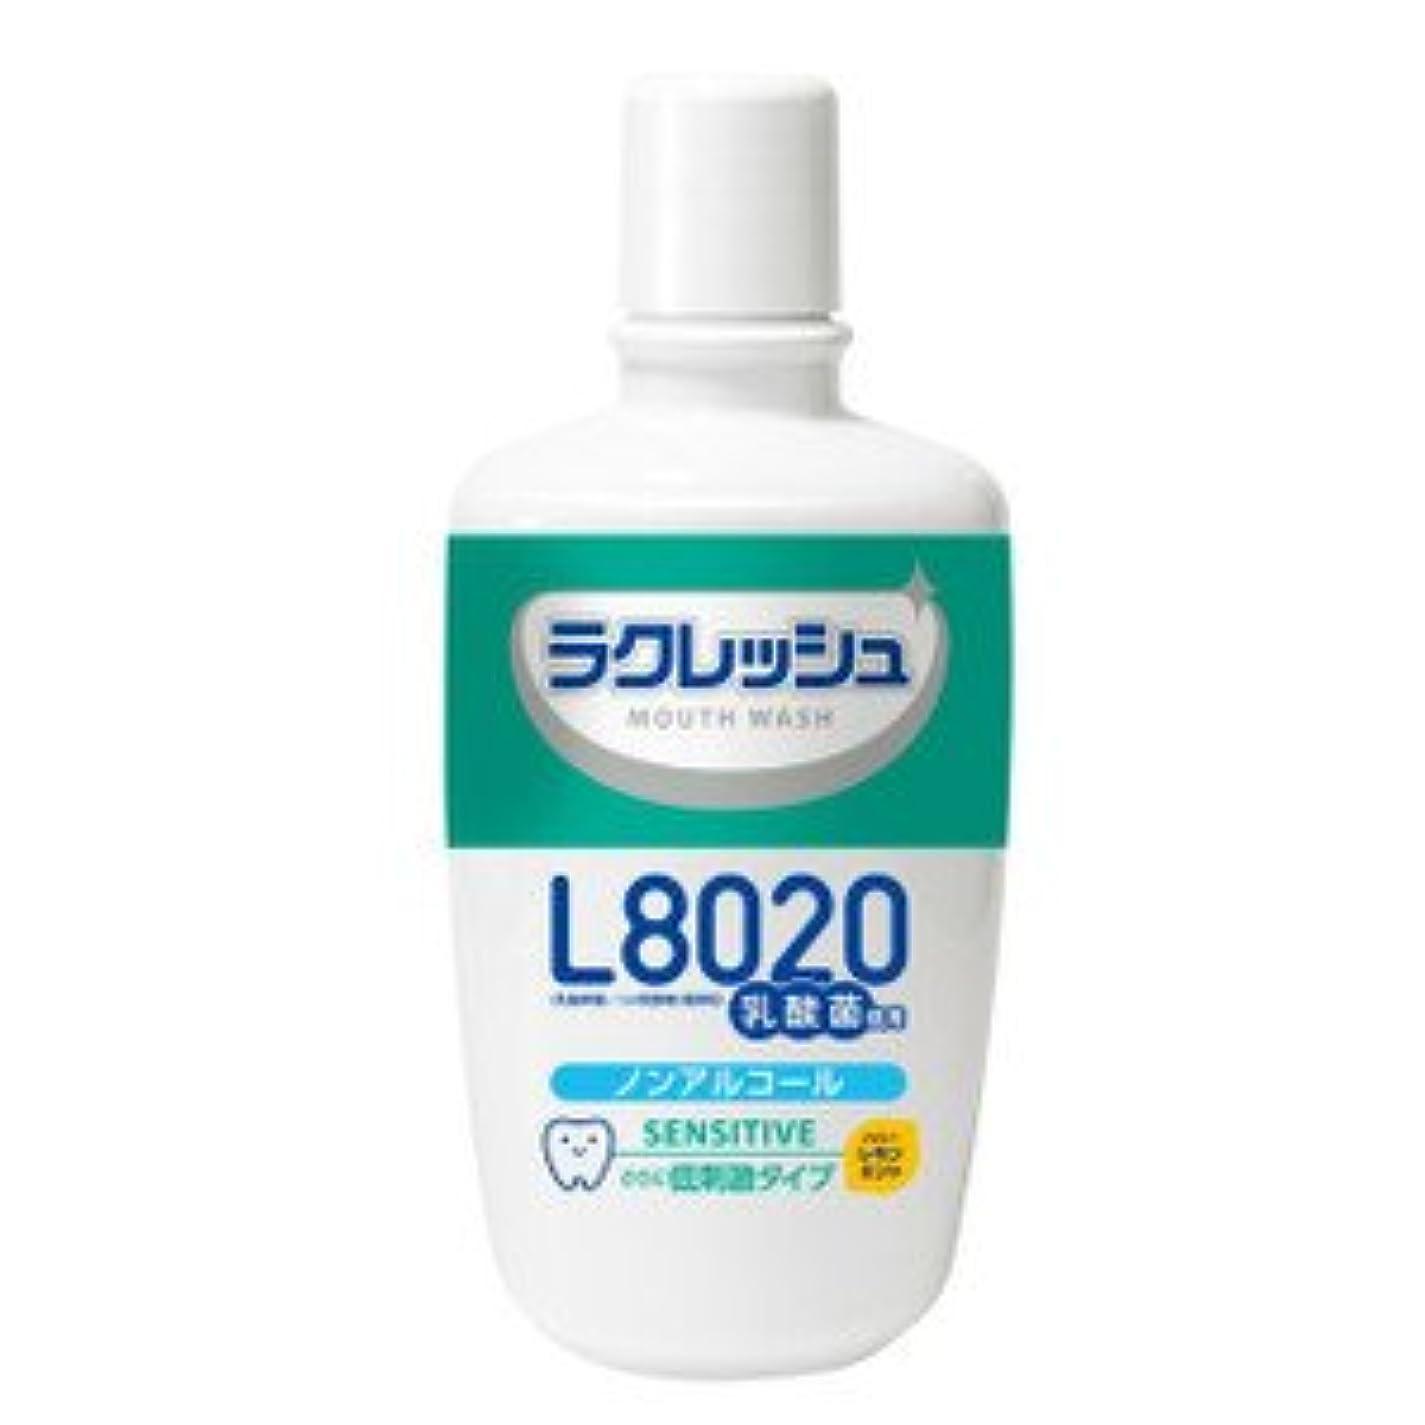 注釈テクトニック維持ジェクス ラクレッシュ L8020乳酸菌 マウスウォッシュ 洗口液センシティブタイプ 300ml×10個セット